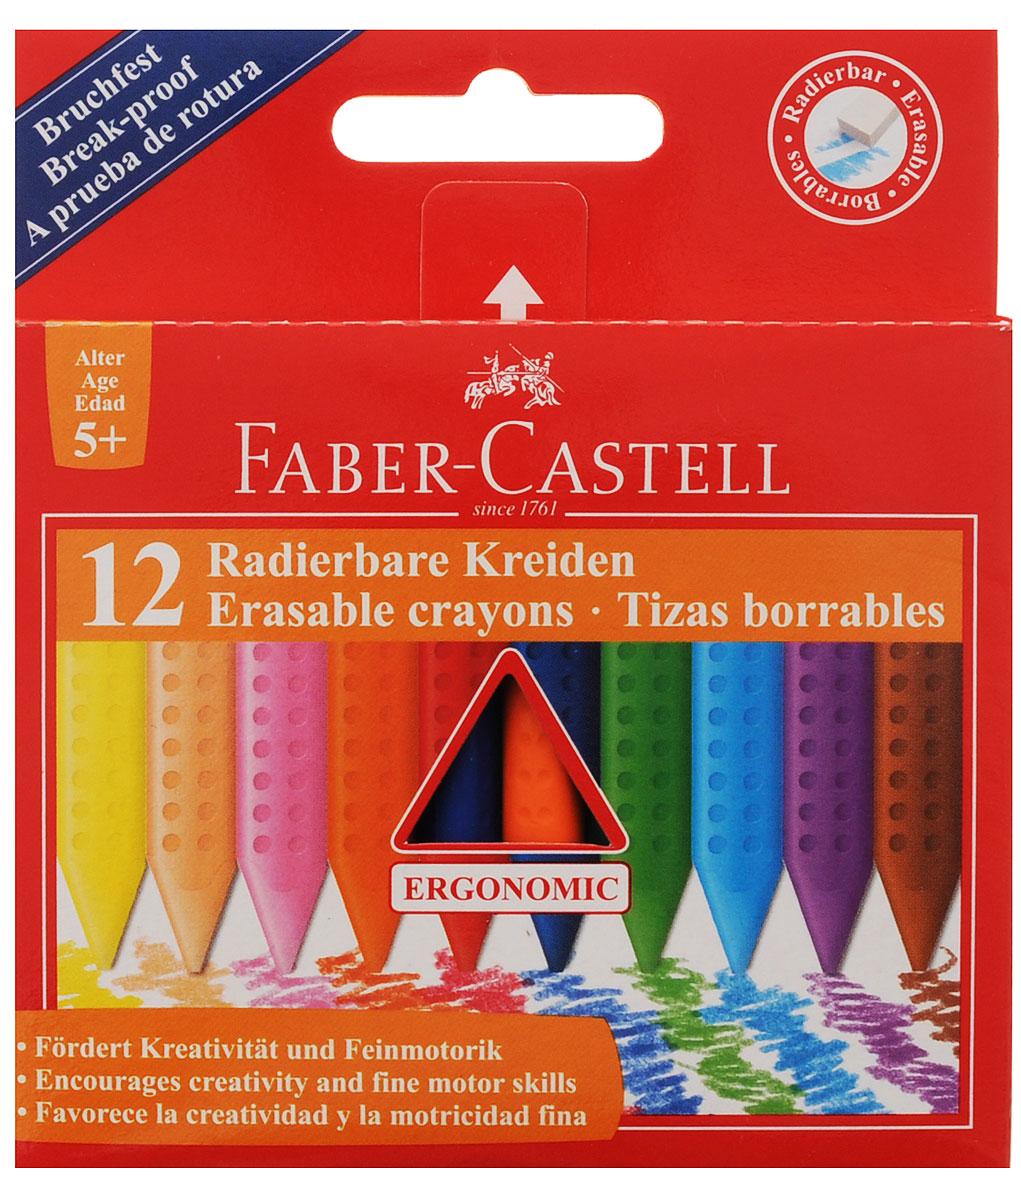 Faber-Castell Восковые мелки Radierbare Kreiden стирающиеся 12 цветов карандаши восковые мелки пастель micador гипоаллергенные восковые мелки выкручивающиеся 24 шт